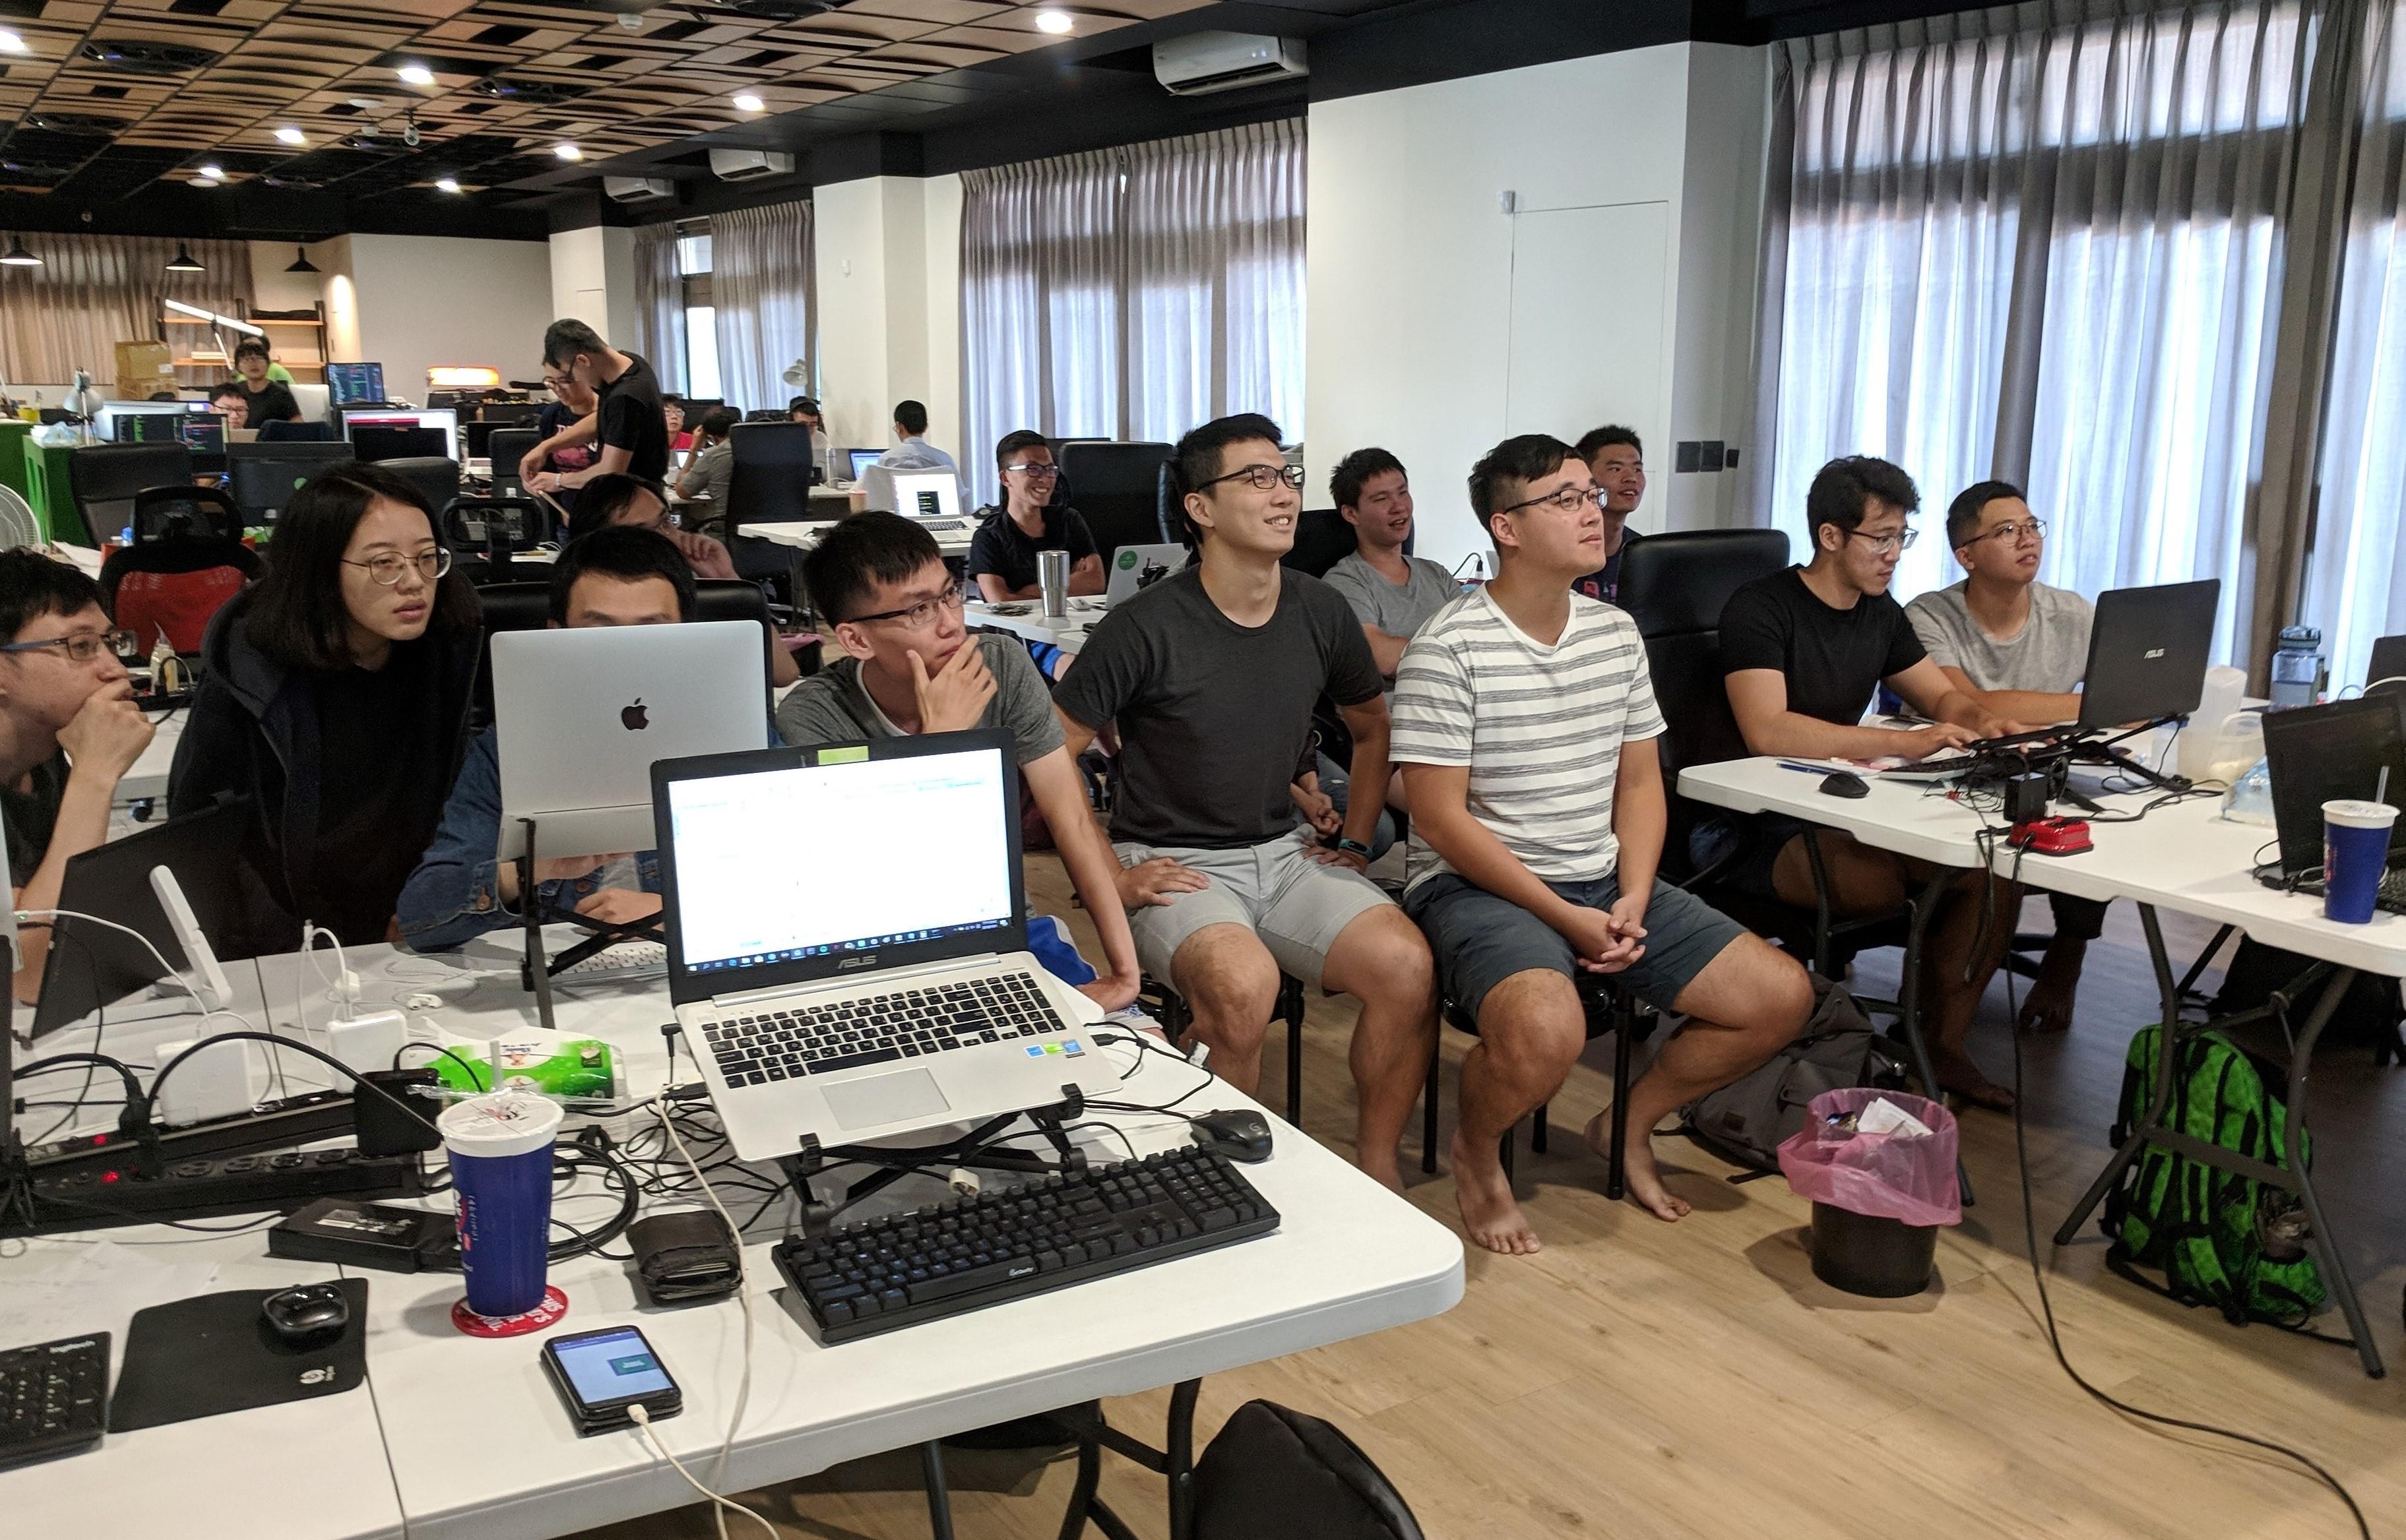 【臺南文化創意產業園區】創造人們對資訊的感動!好想工作室2.0正式啟動